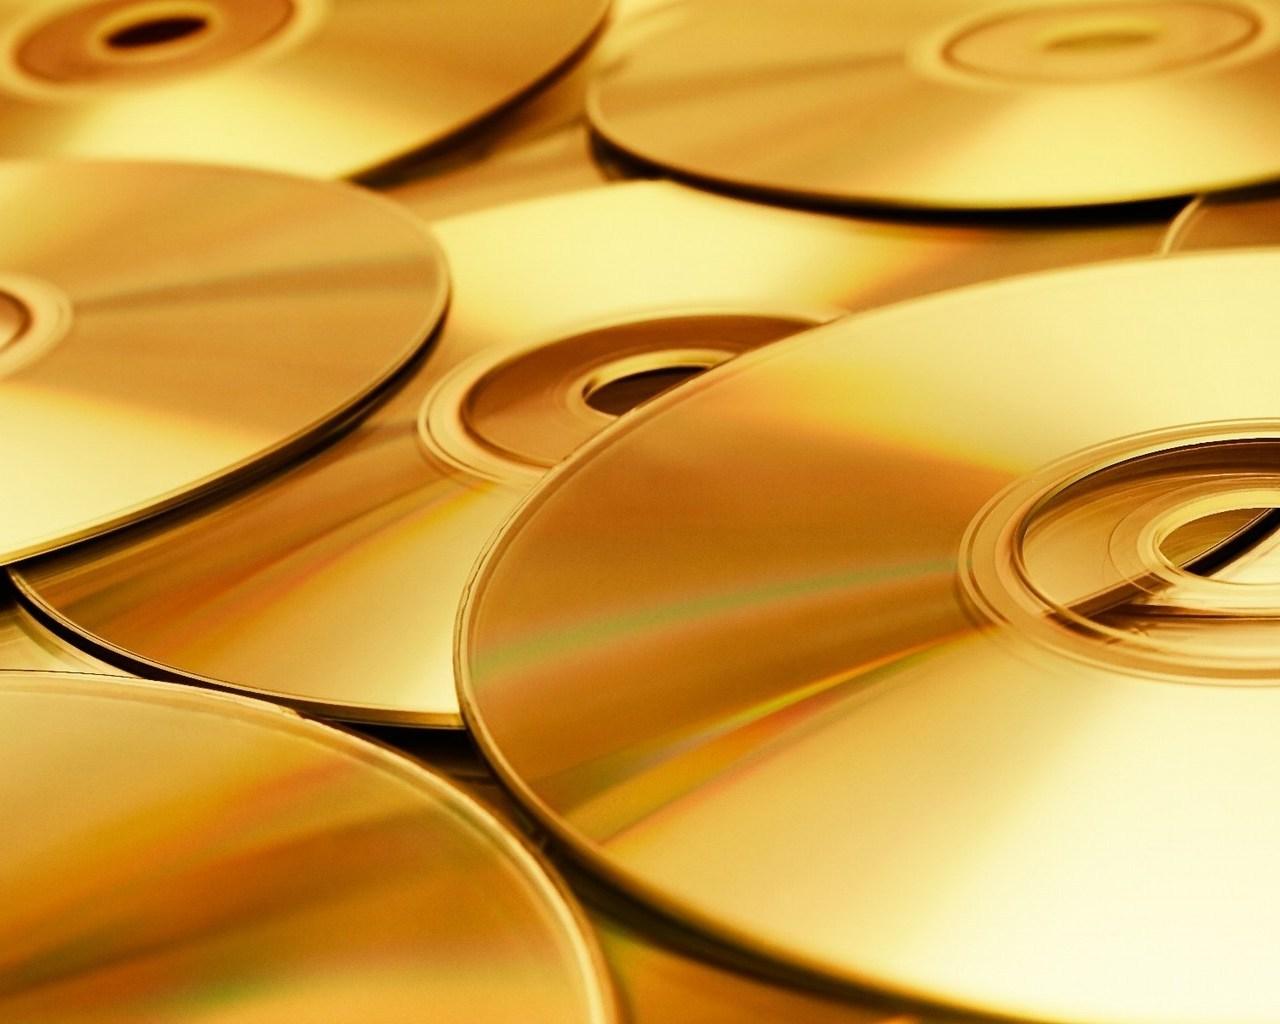 диски из золота, скачать фото, обои на рабочий стол, wallpaper gold